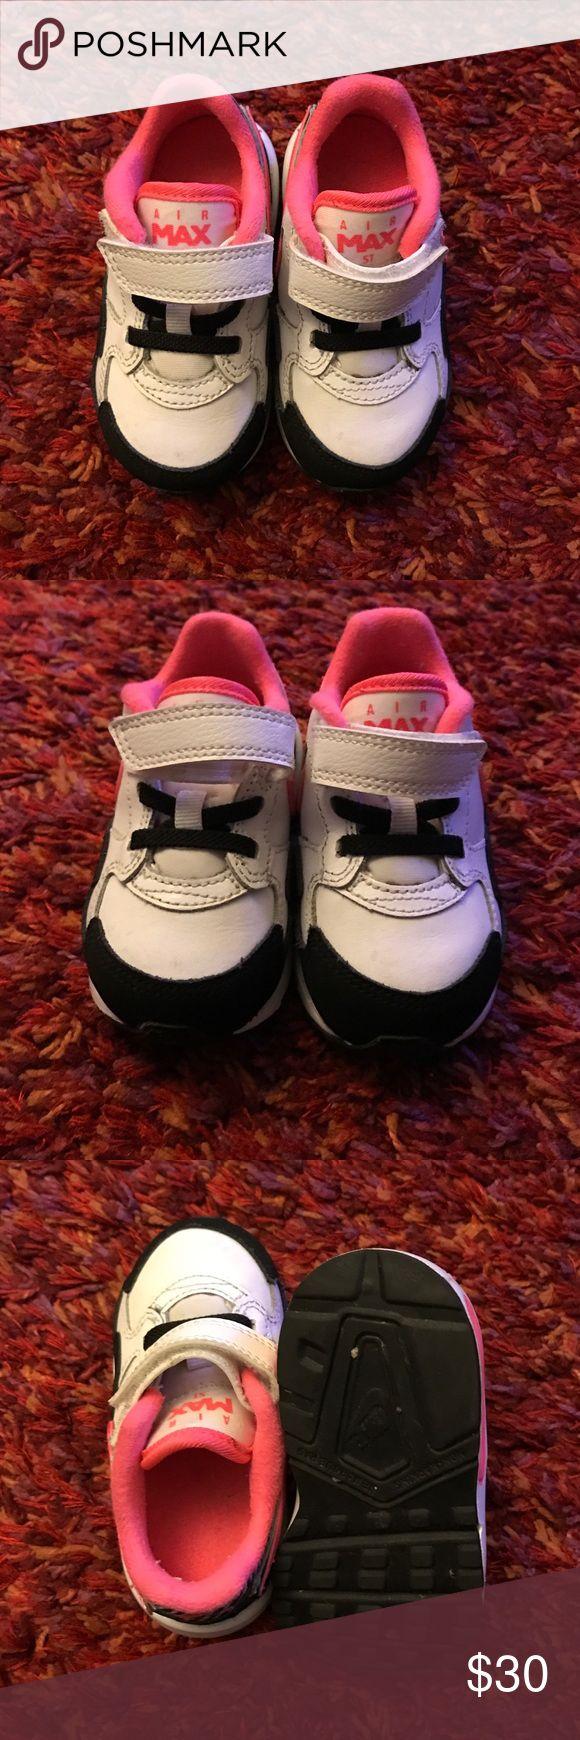 Nike Air Max ST Toddler Girls, Size 6c Nike Air Max ST Toddler Girls,